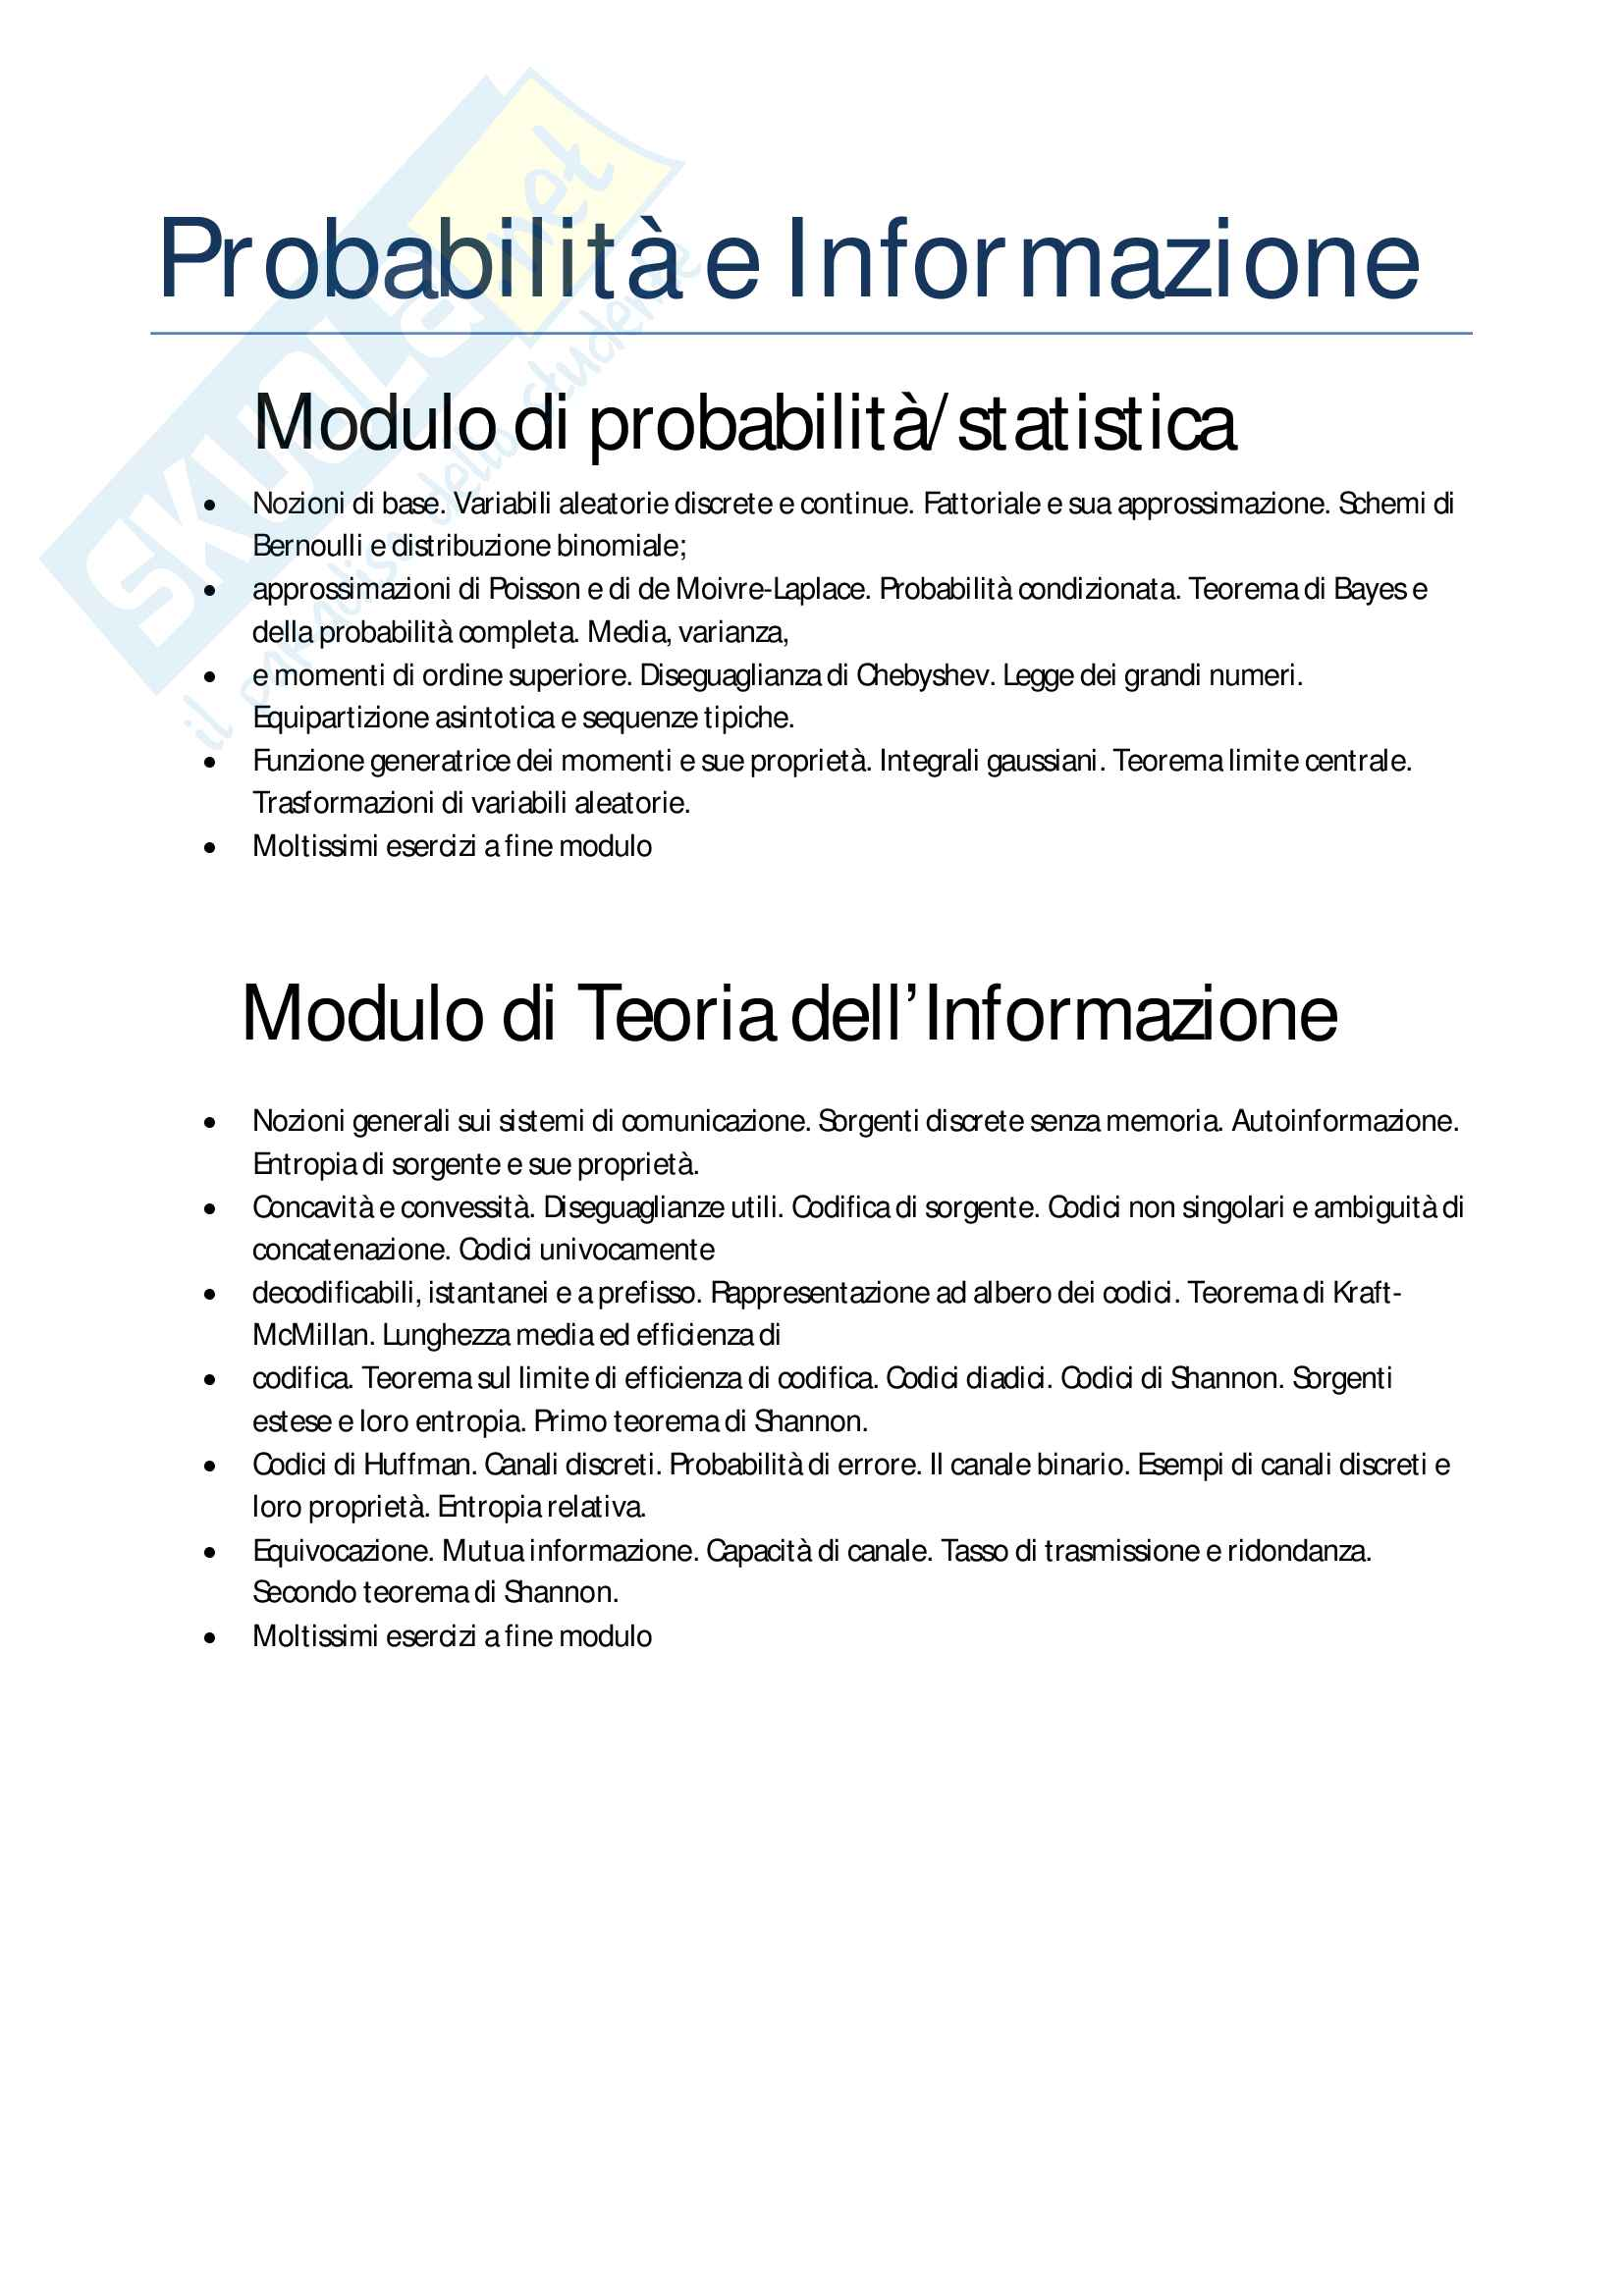 Probabilità e informazione, teoria, esercizi